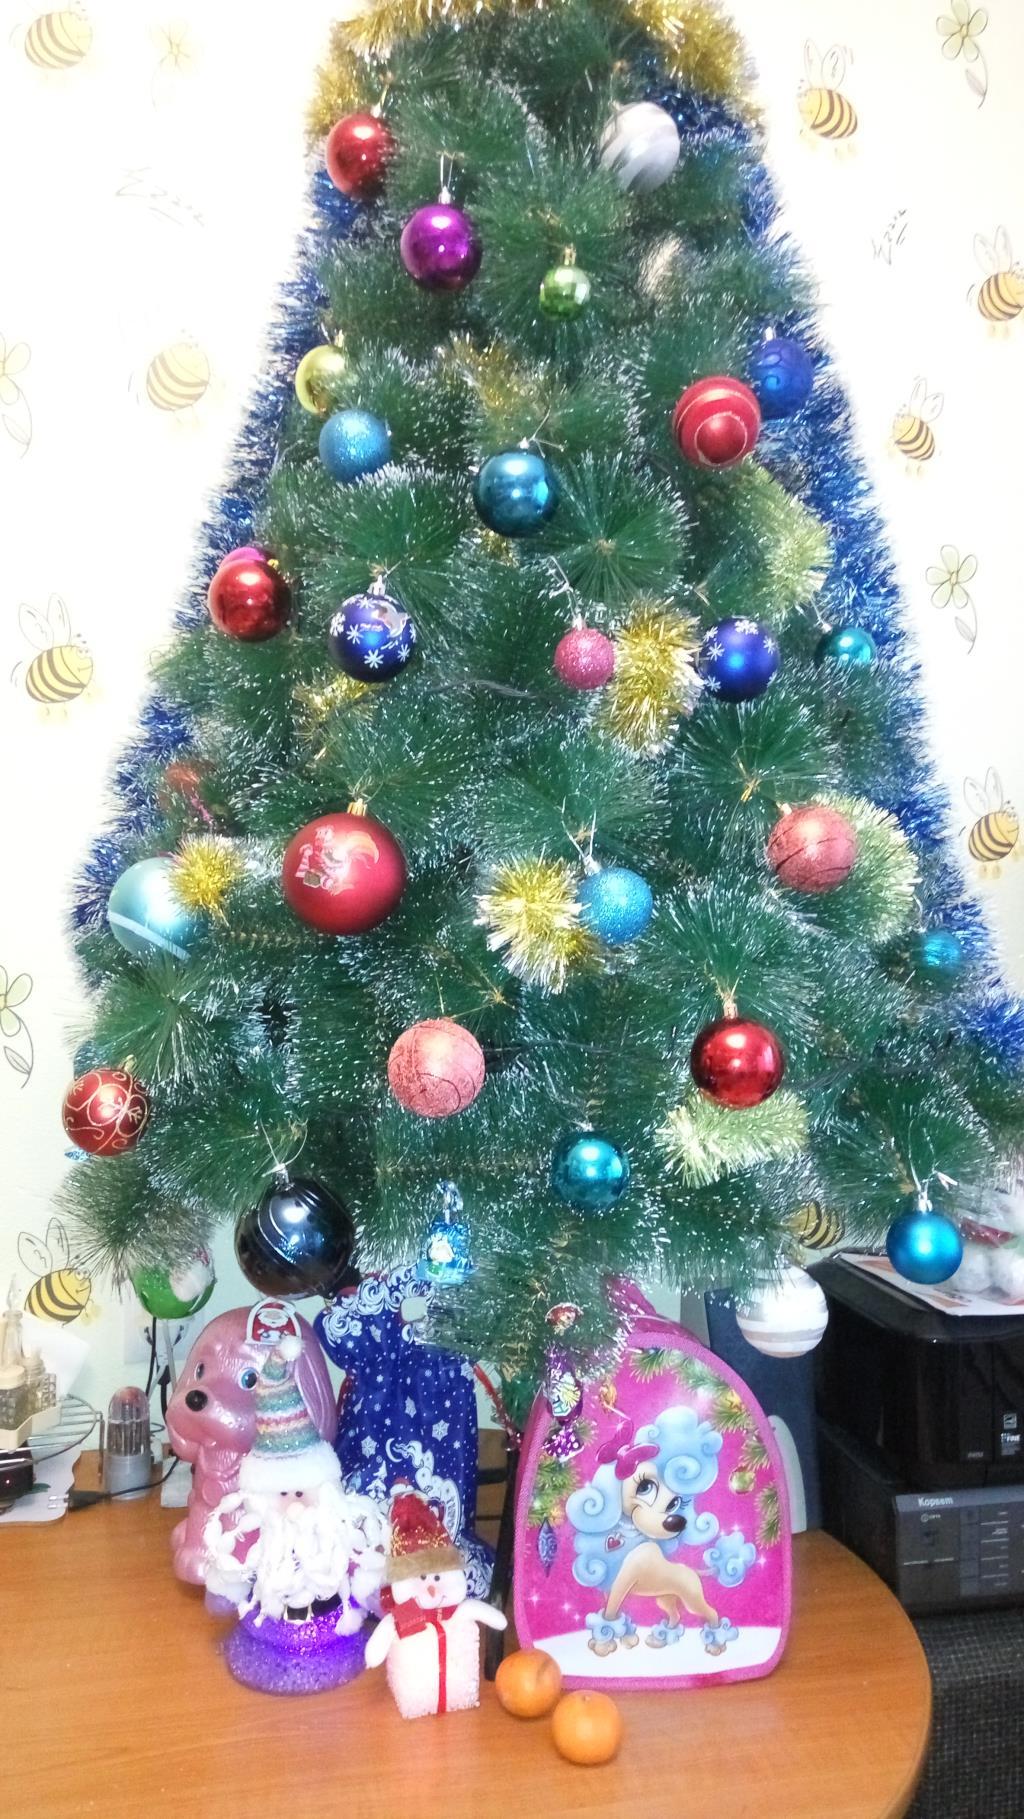 Юнтоловская наша ёлочка:). Блиц: новогодняя елка